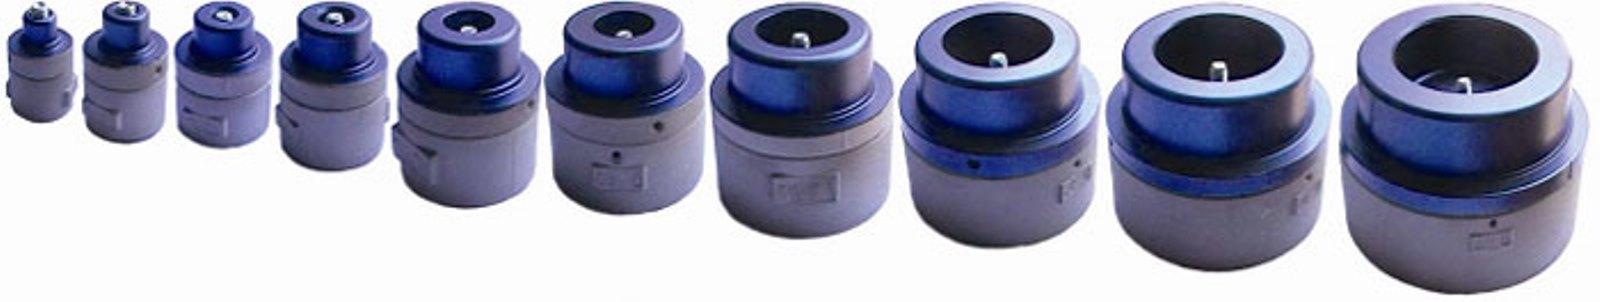 Насадка парная для аппарата для сварки труб, 63 мм. Dytron 02333